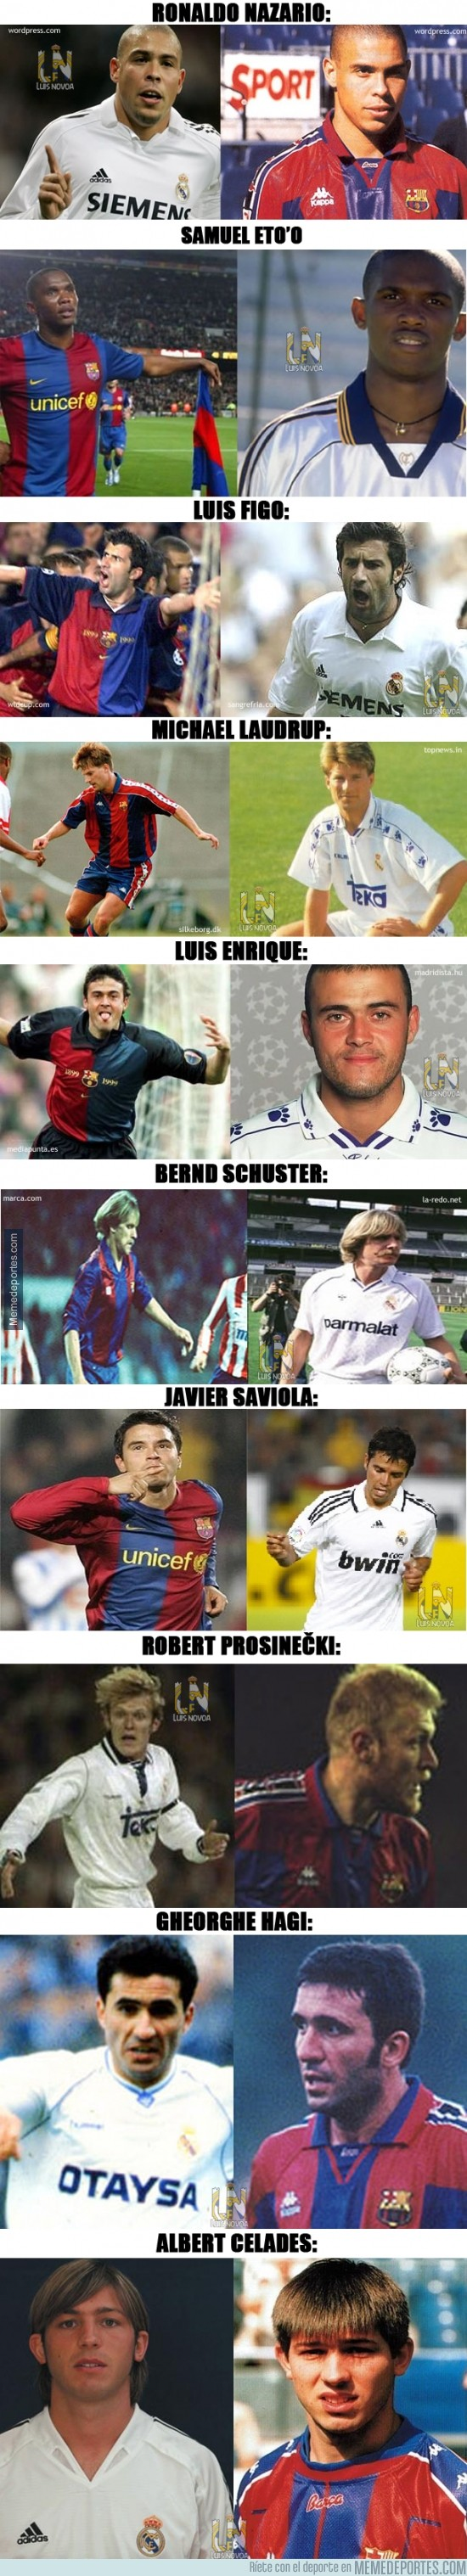 400635 - Real Madrid VS Barcelona: los 10 judas más conocidos del clásico